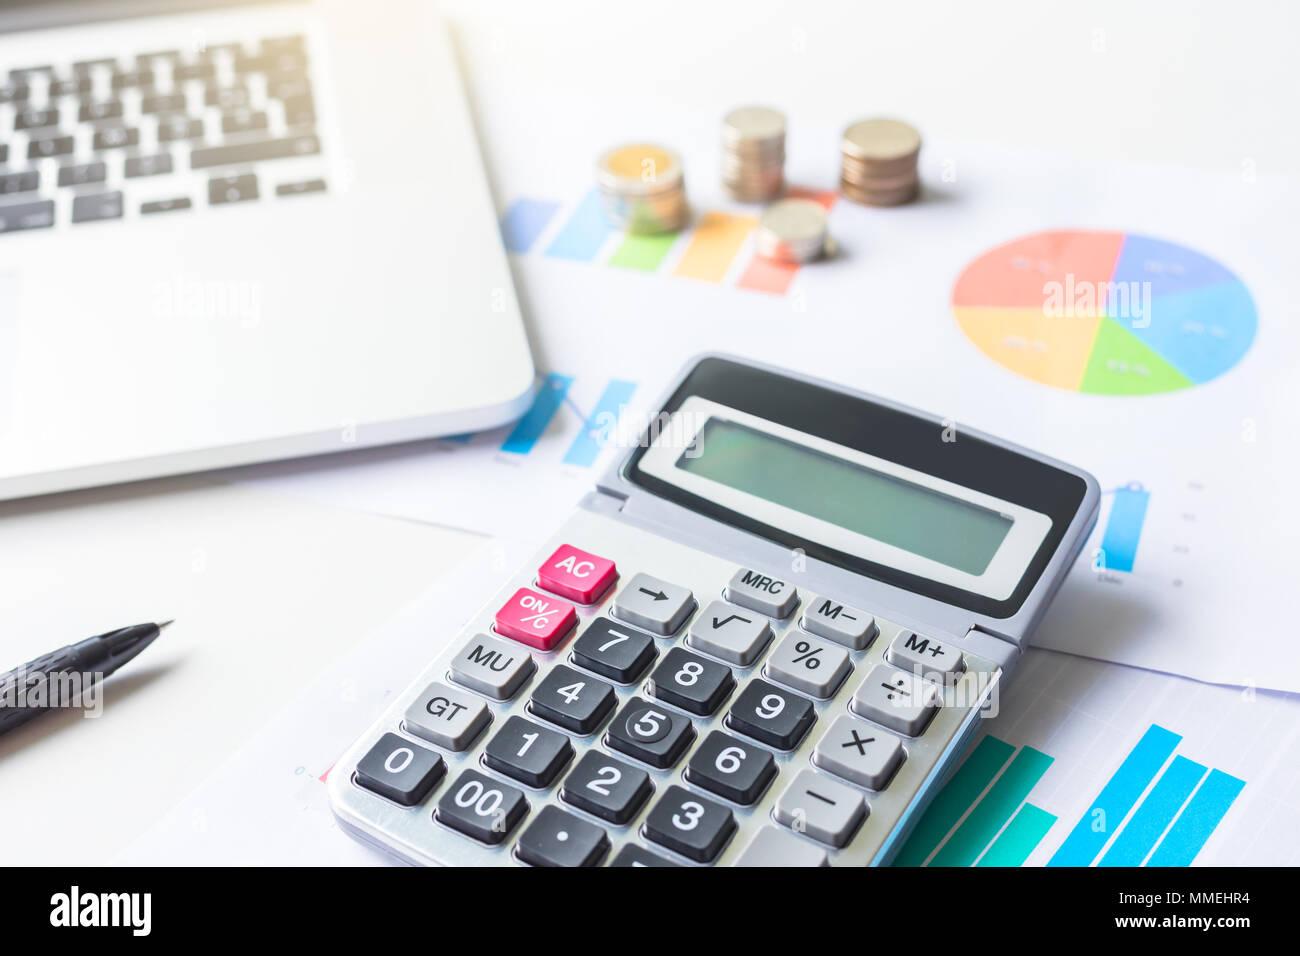 Financial Business graph mit Laptop und Rechner. Geld sparen. Stockbild